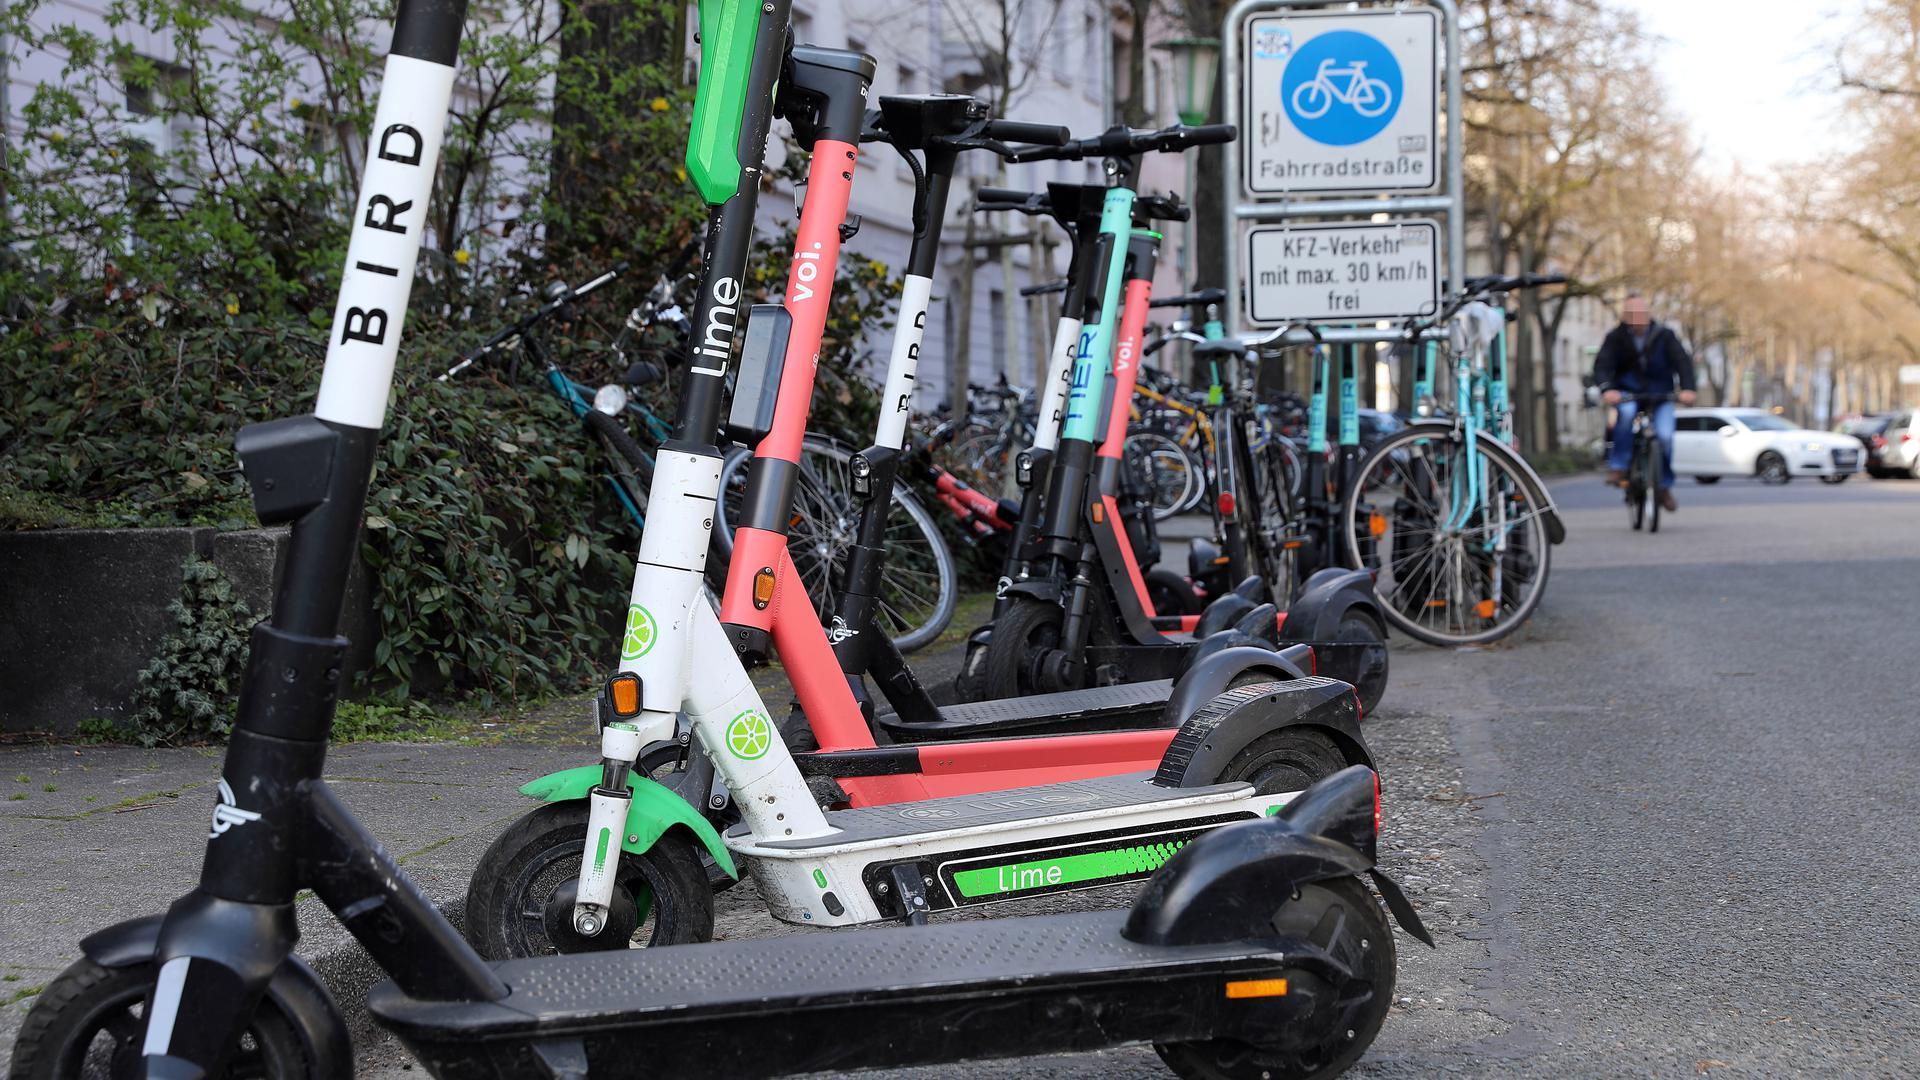 E-Scooter in der Bahnhofstraße in Karlsruhe